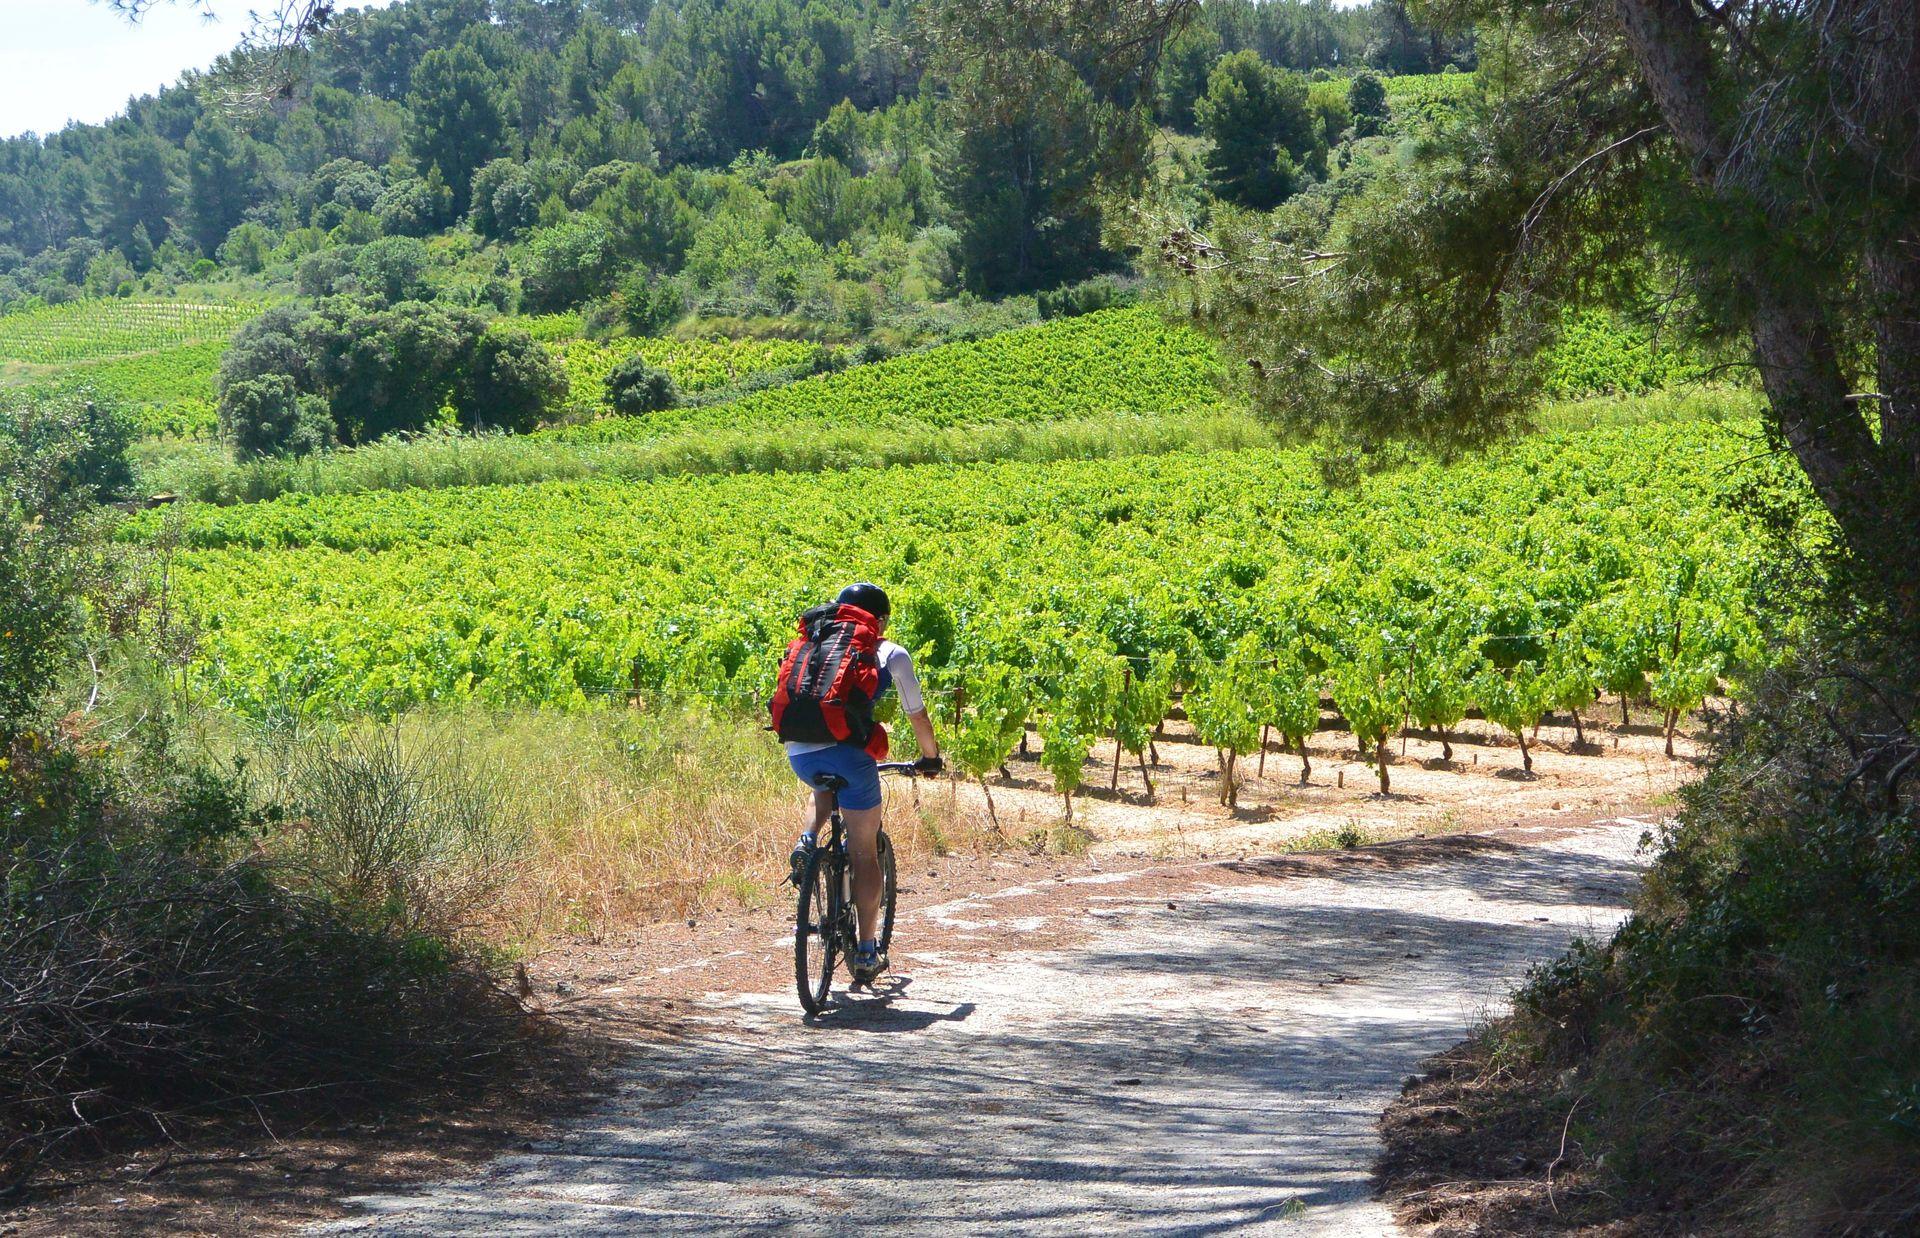 Cycliste au coeur des vignes, voie verte Capestang-Cruzy